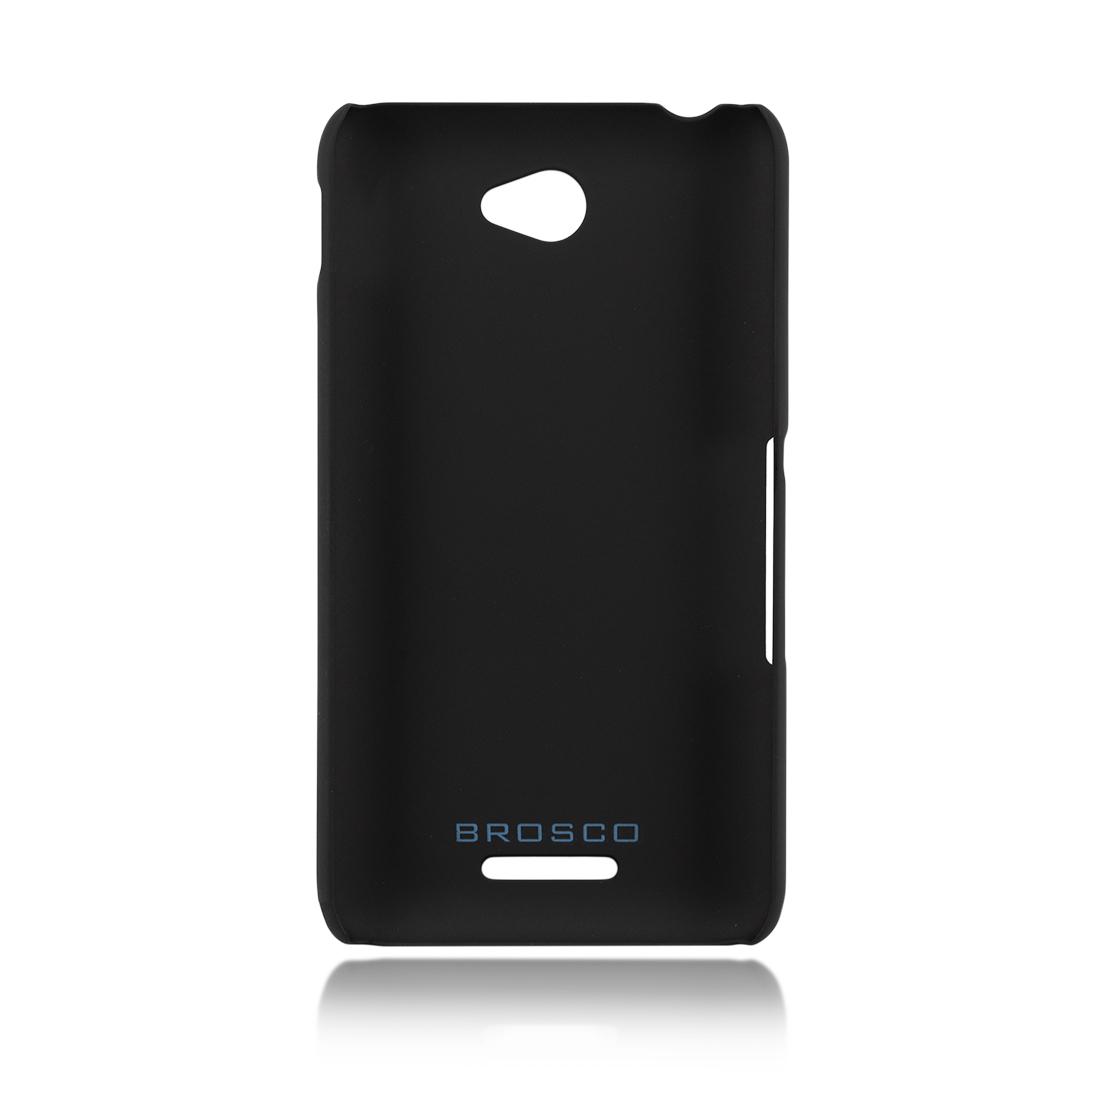 Пластиковый бампер для Xperia E4 чёрного цвета в Sony Centre Воронеж